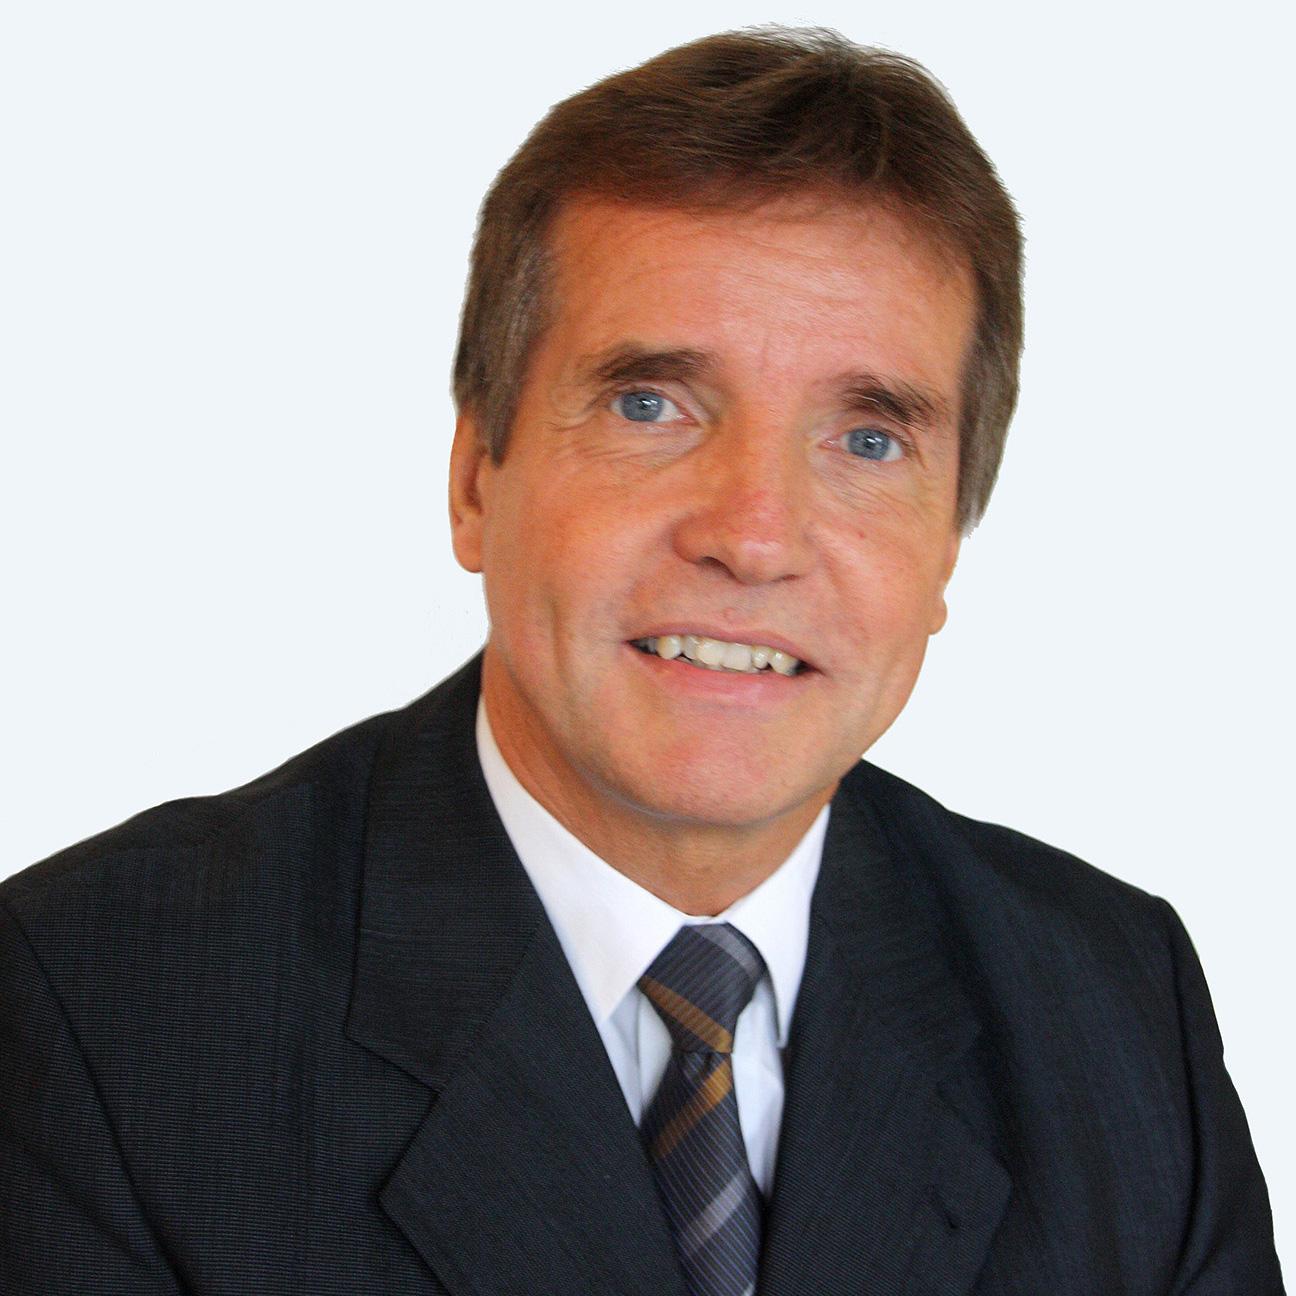 Hans-Jörg Felbick, Gründer hjf consulting